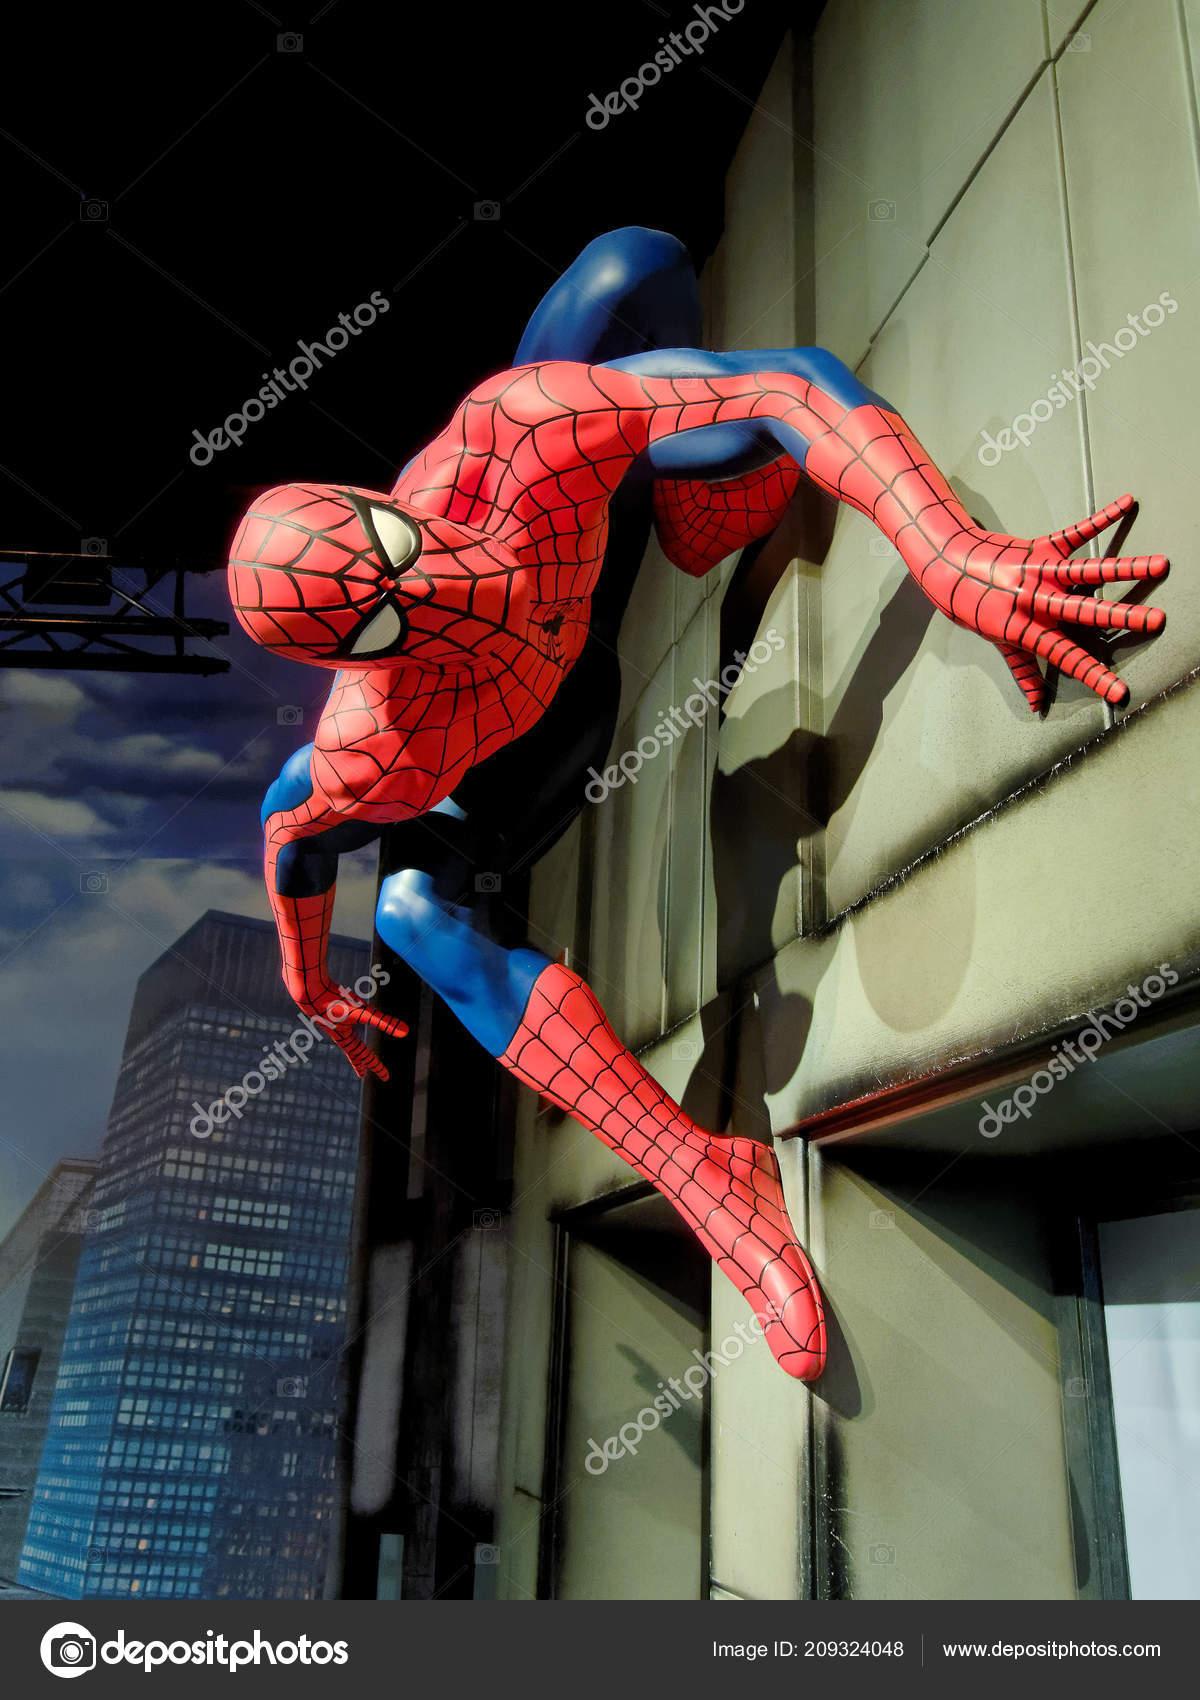 42554b818bd Αθήνα Ιανουαρίου Madame Tussauds Ηνωμένο Βασίλειο 2018 Spider Man Είναι–  Εκδοτικές Φωτογραφίες Αρχείου